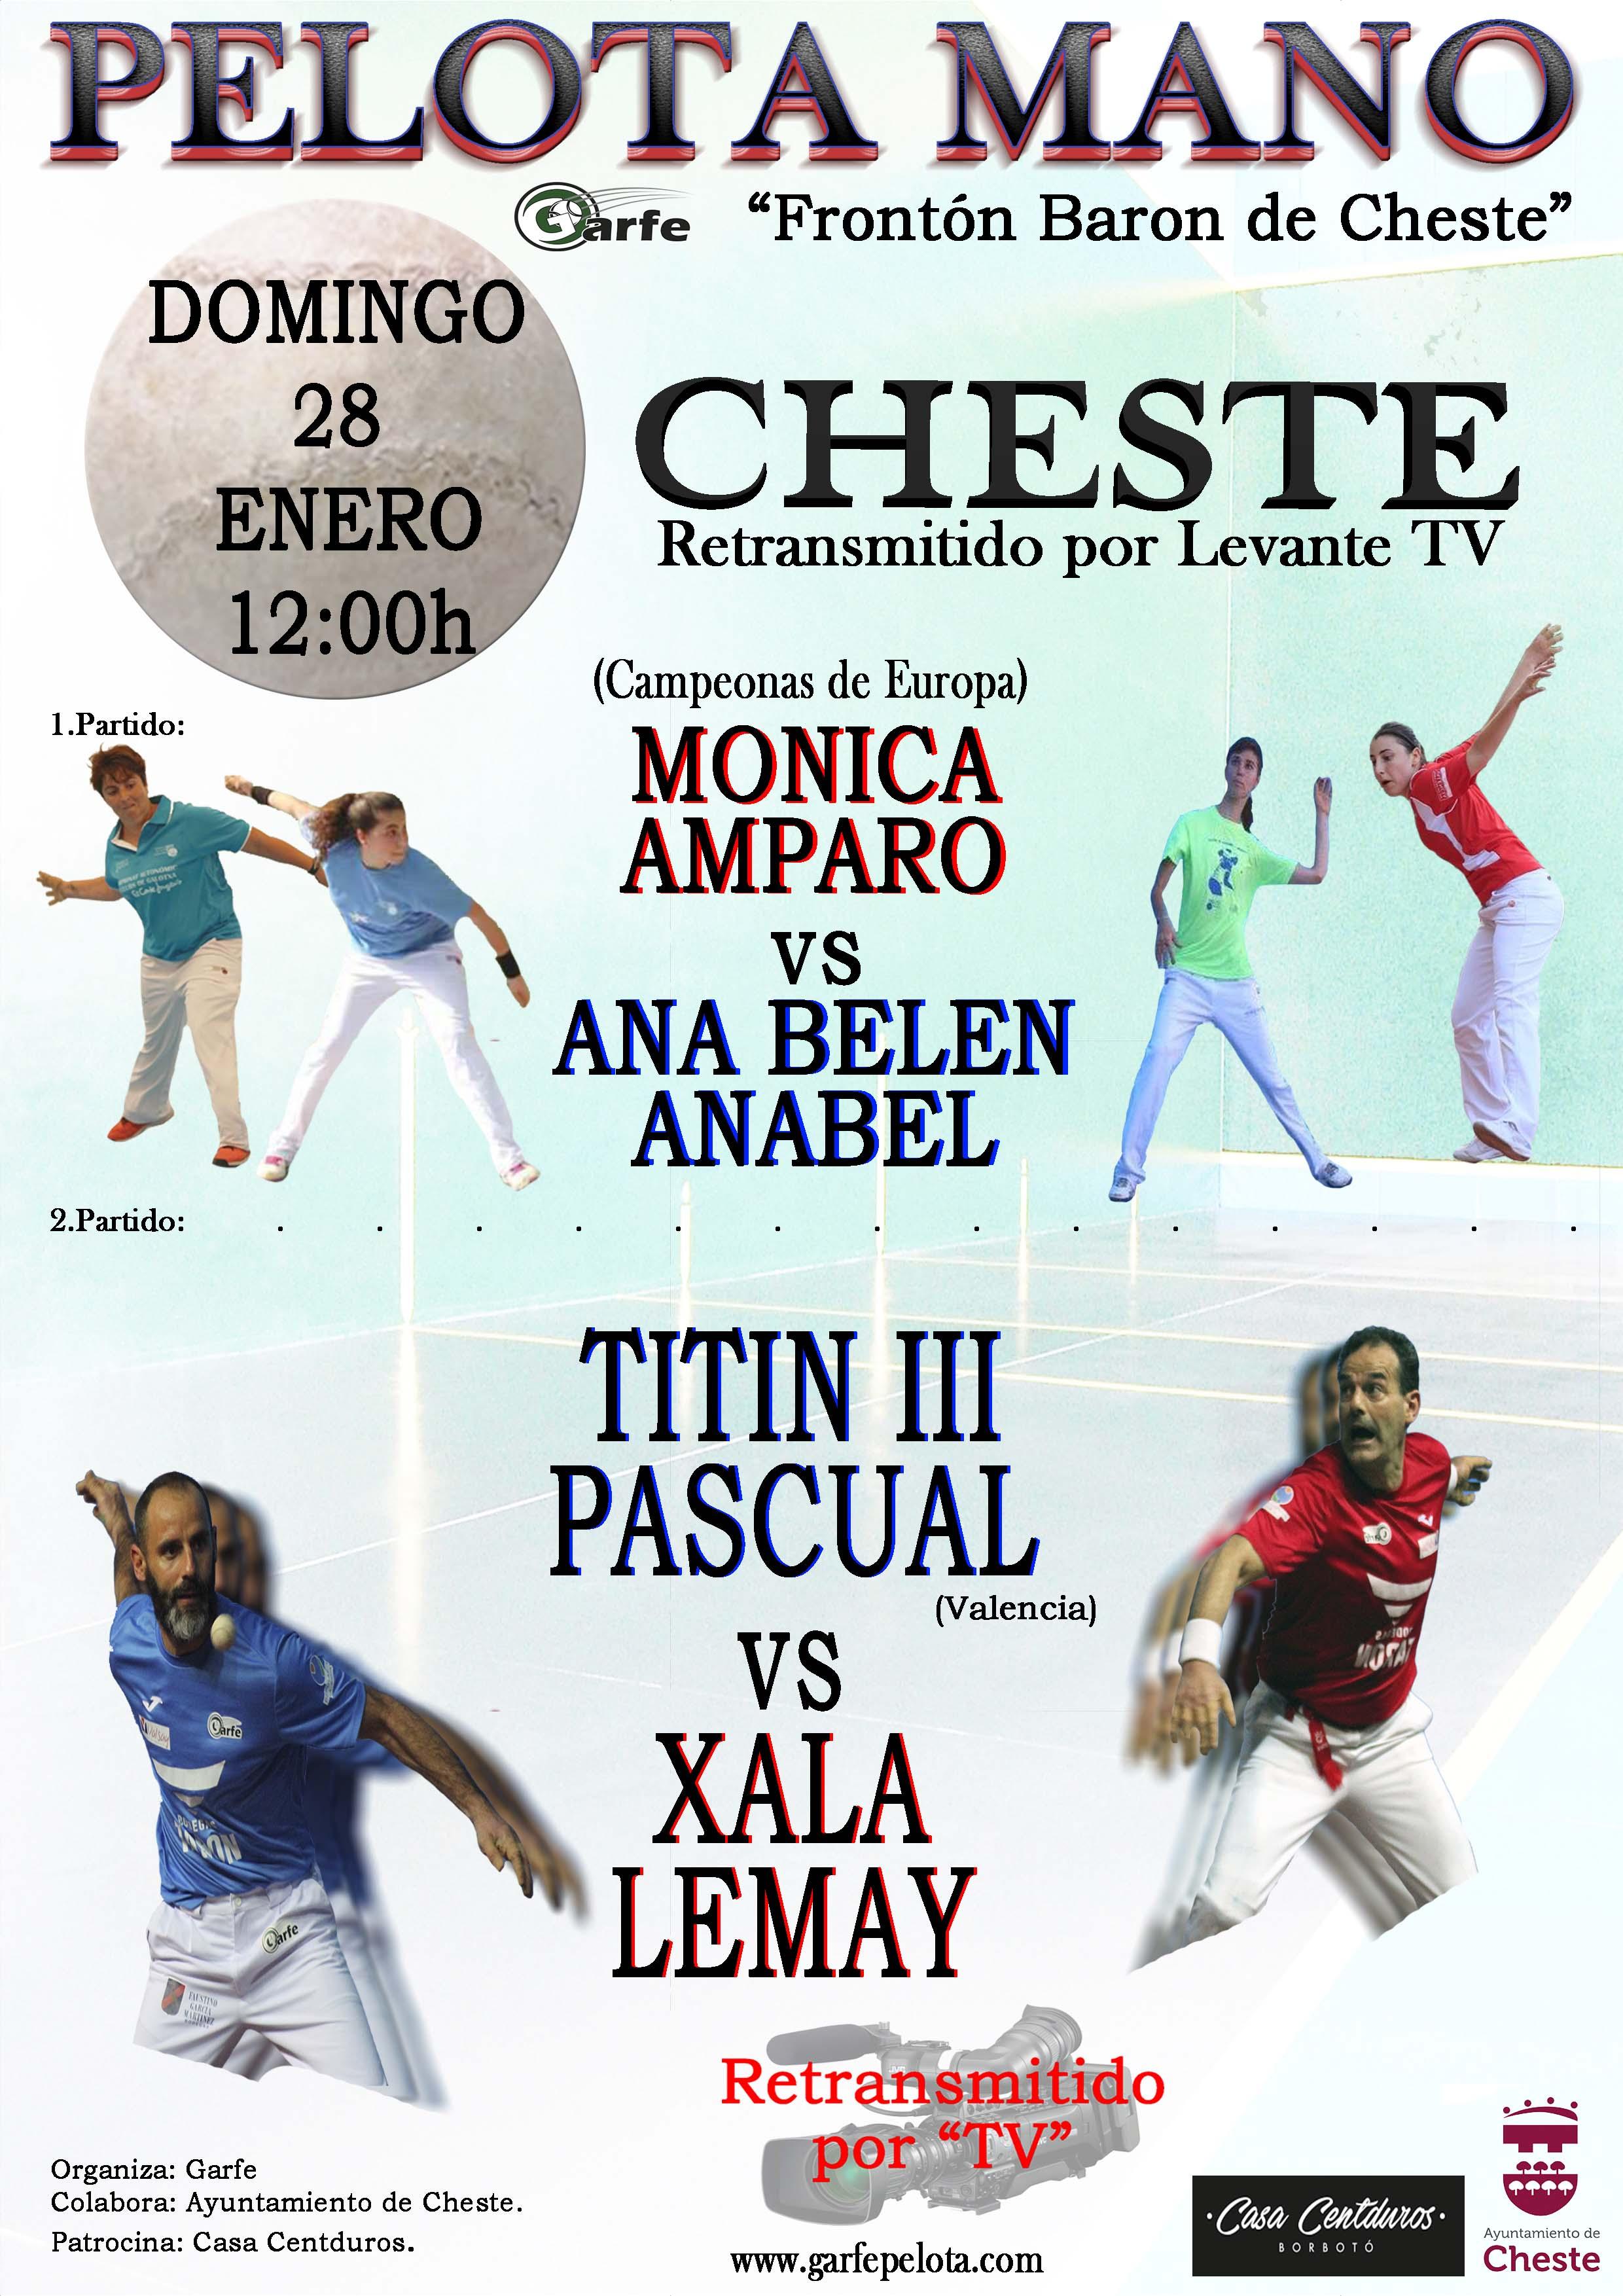 Las entradas ya están disponibles en el bar de frontón barón de Cheste y la organización espera una gran expectación por parte de aficionados de distintos puntos de España.